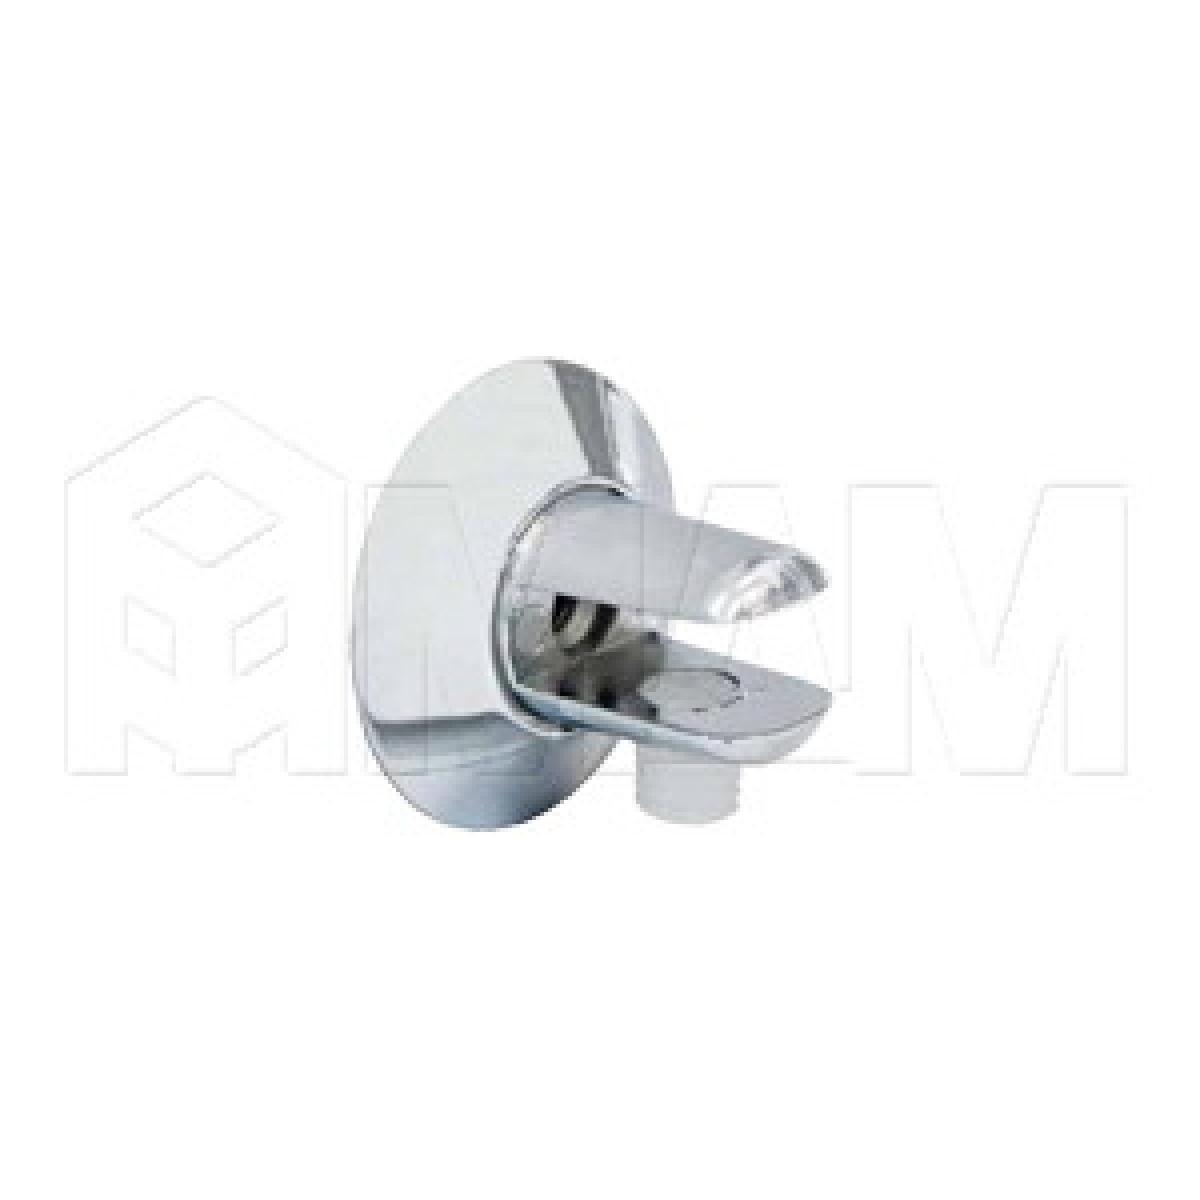 Полкодержатель для стеклянных полок толщиной 5-6 мм, хром